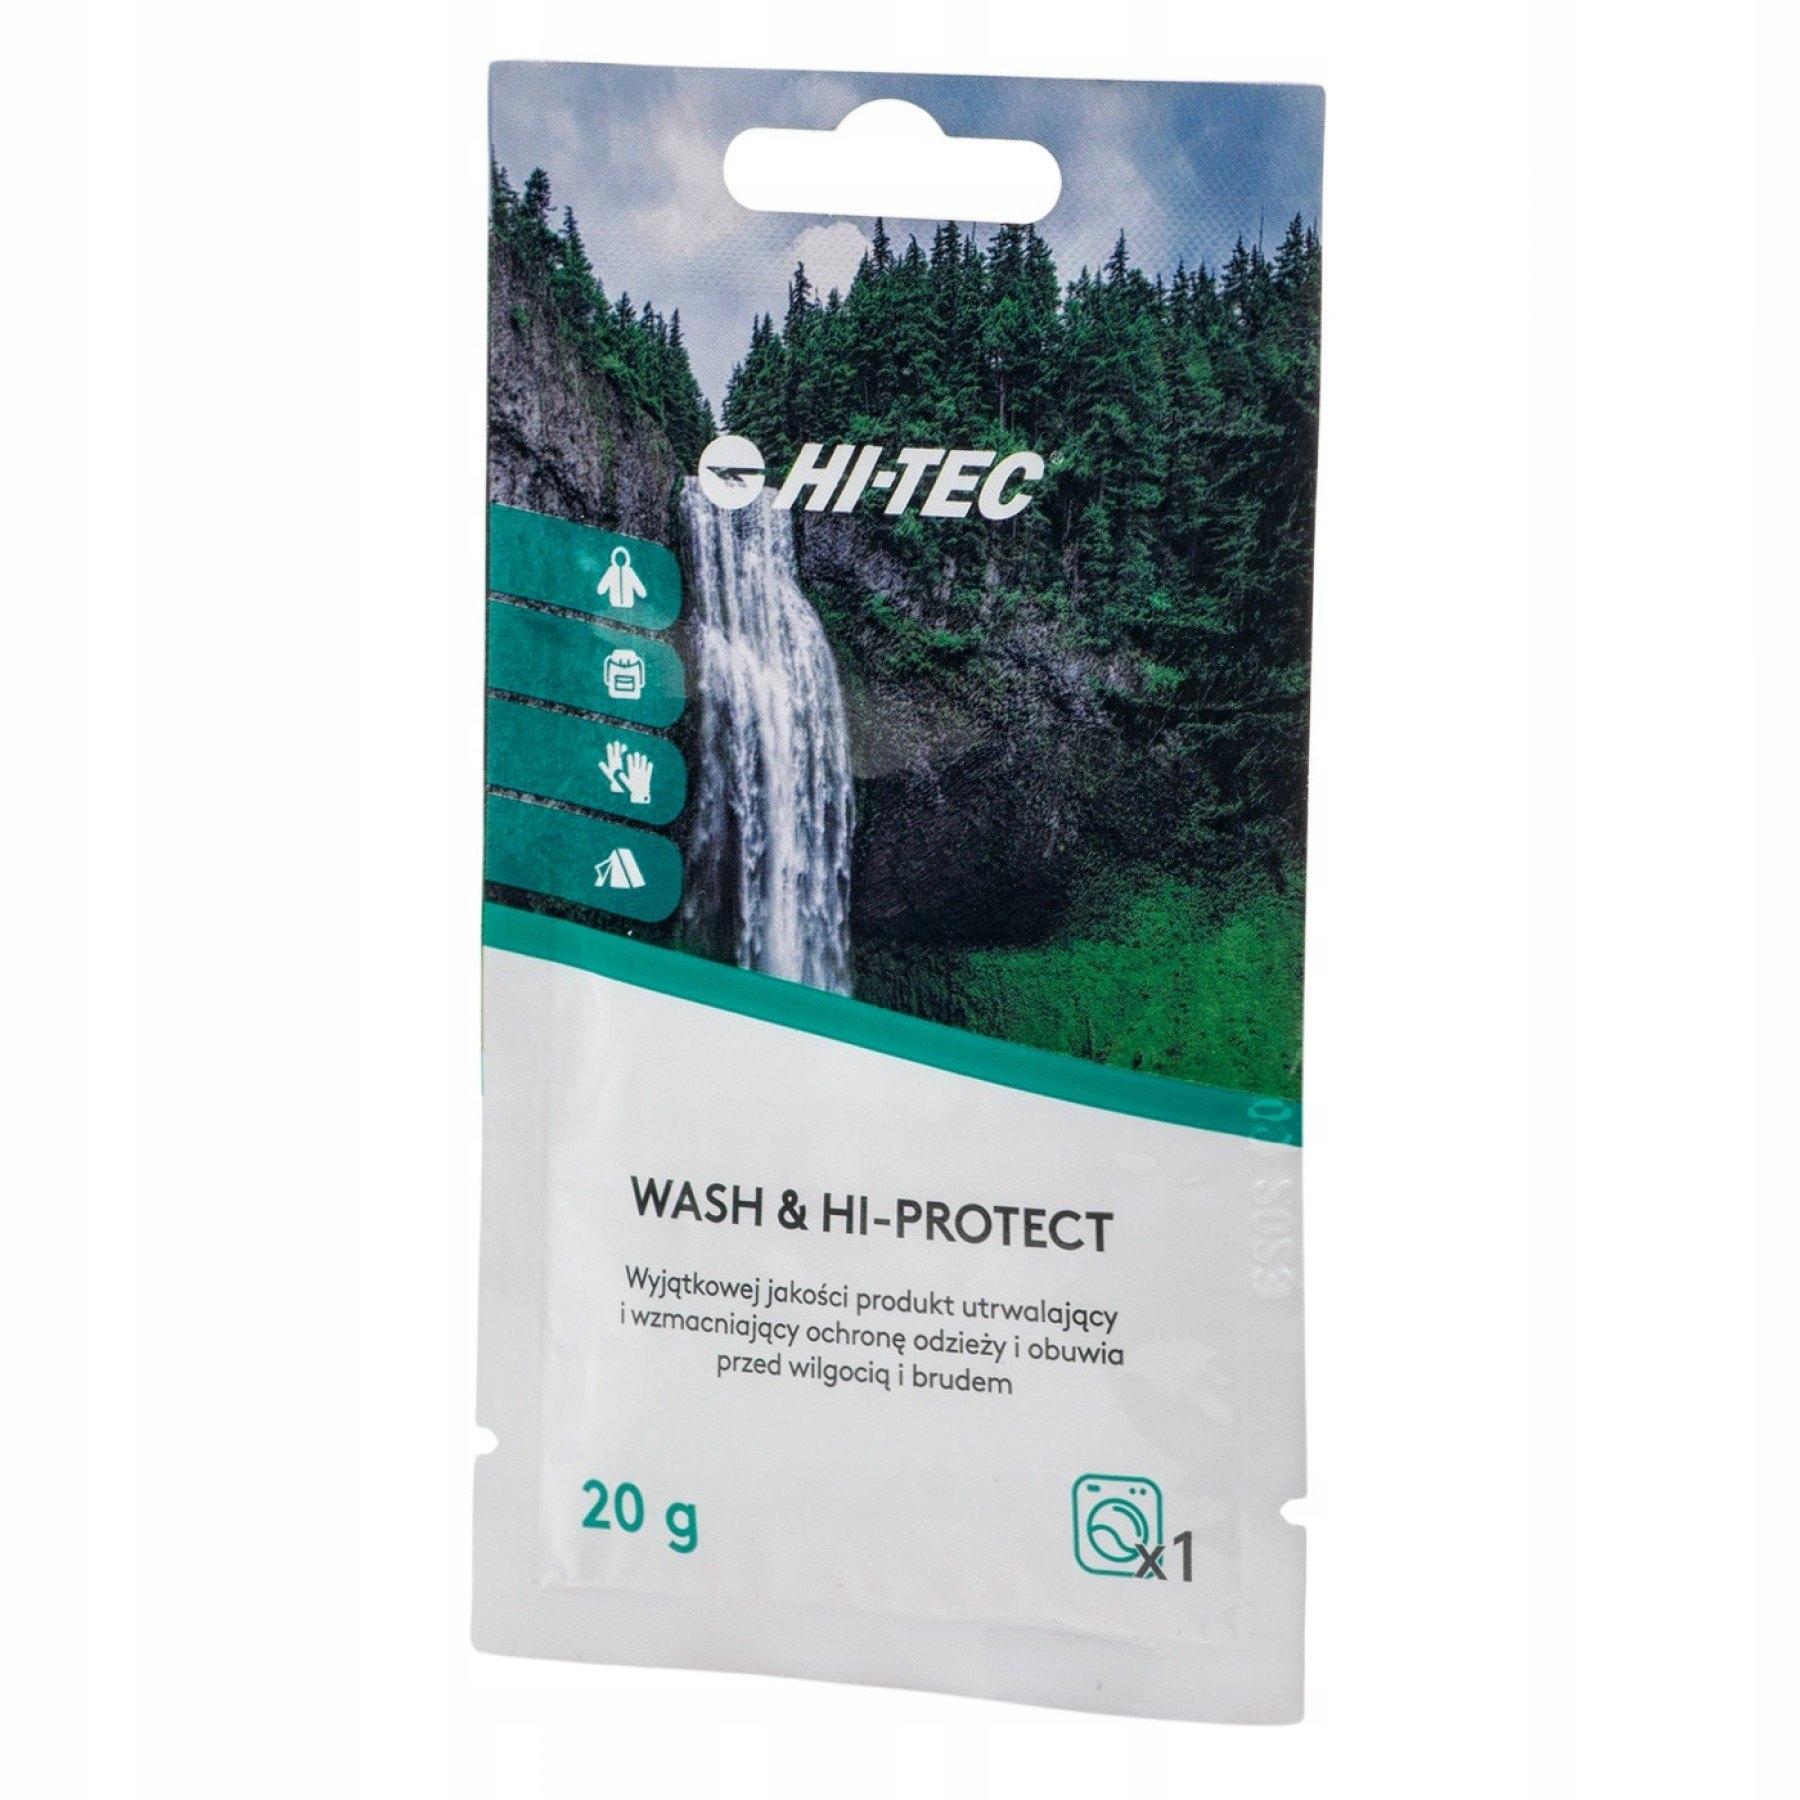 ЖИДКОСТЬ ДЛЯ СТИРКИ WASH & HI-PROTECT 20 Г HI-TEC